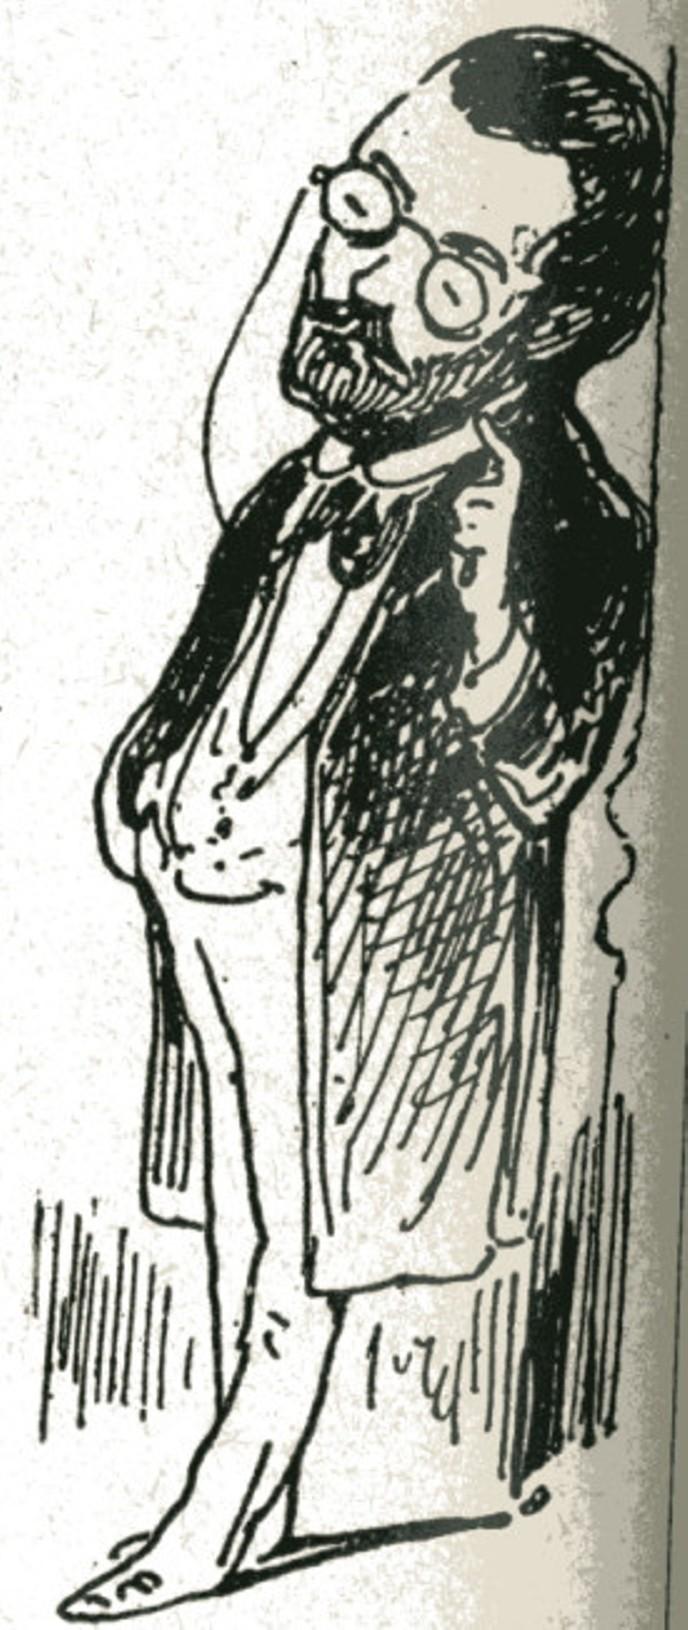 """Image - Monsieur Zola rêvant un musée où les personnages de <em>Pot-Bouille</em> seraient représentés au naturel (in naturalibus)."""" /></a></p> </div><h3>Commentaires</h3><p>Cette caricature est une vignette de Stop destinée à illustrer une série sur le Musée Grévin parue dans <em>Le Journal Amusant</em>.</p><h3>Auteur</h3><p>Stop (Louis Morel-Retz) (1825-1899)</p><h3>Date</h3><p>1er juillet 1882</p><h3>Origine</h3><p><em>Le Journal amusant</em>, 1er juillet 1882</p><h3>Mots-clés</h3><ul class="""